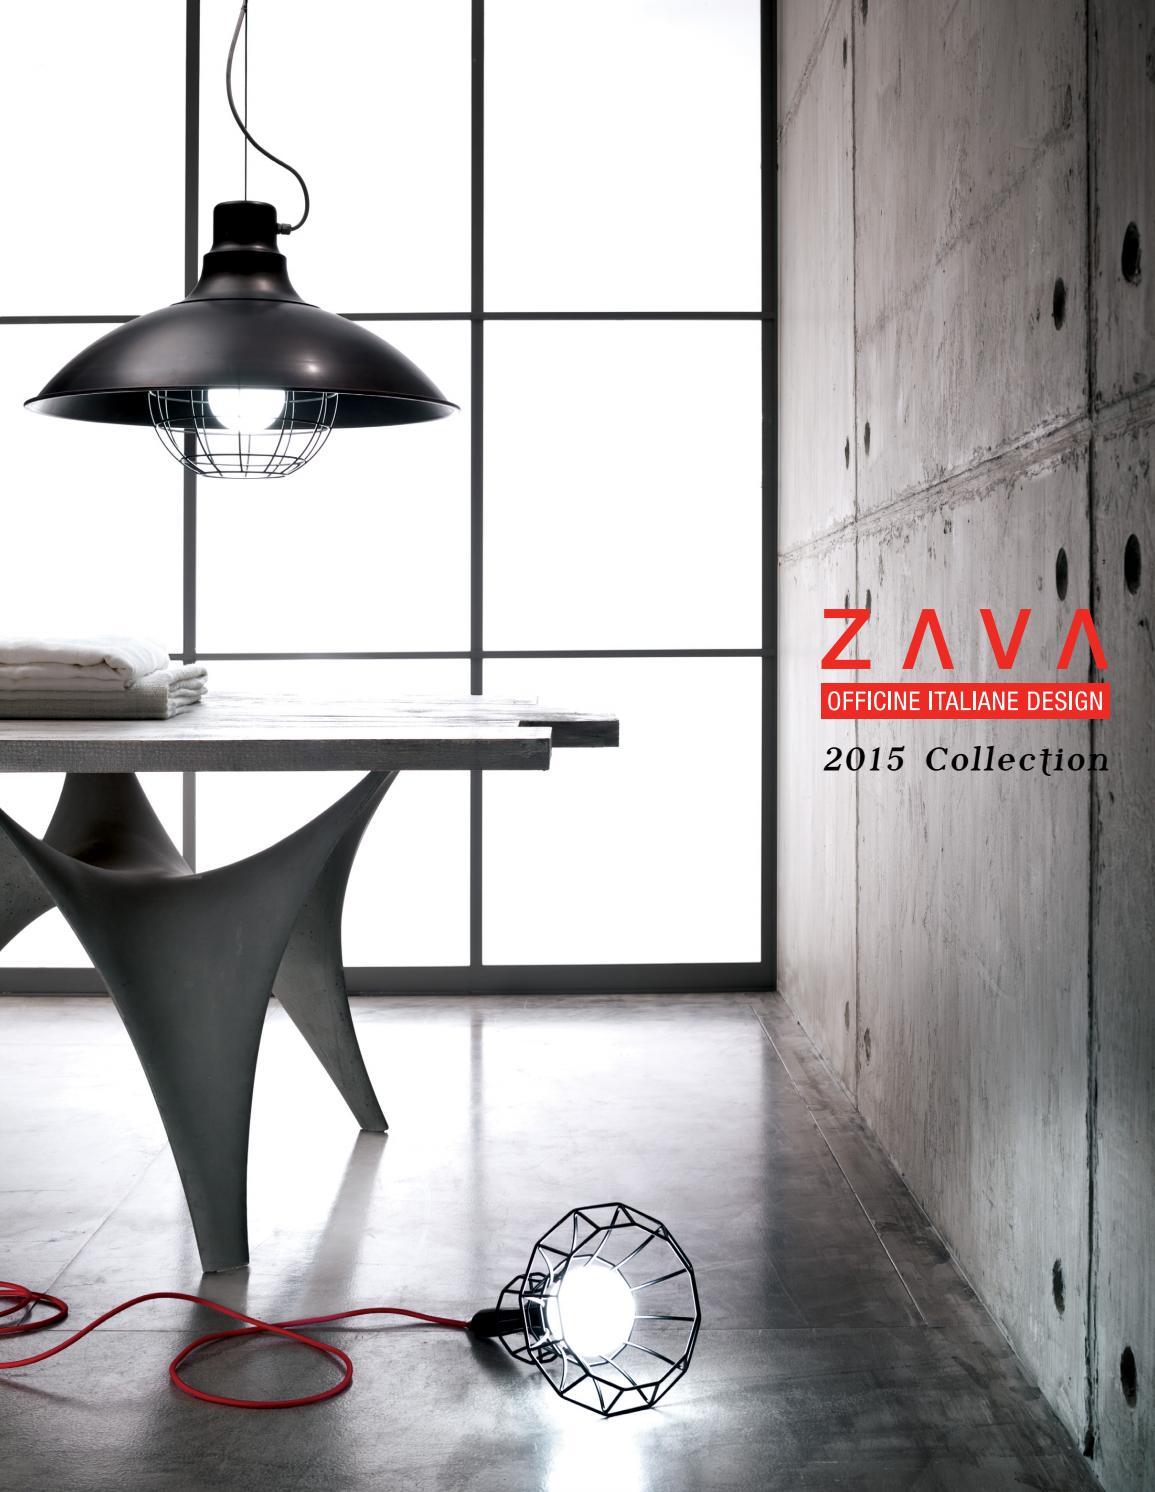 dal costo ragionevole caratteristiche eccezionali grande vendita Zava catalogo by Restatop - issuu